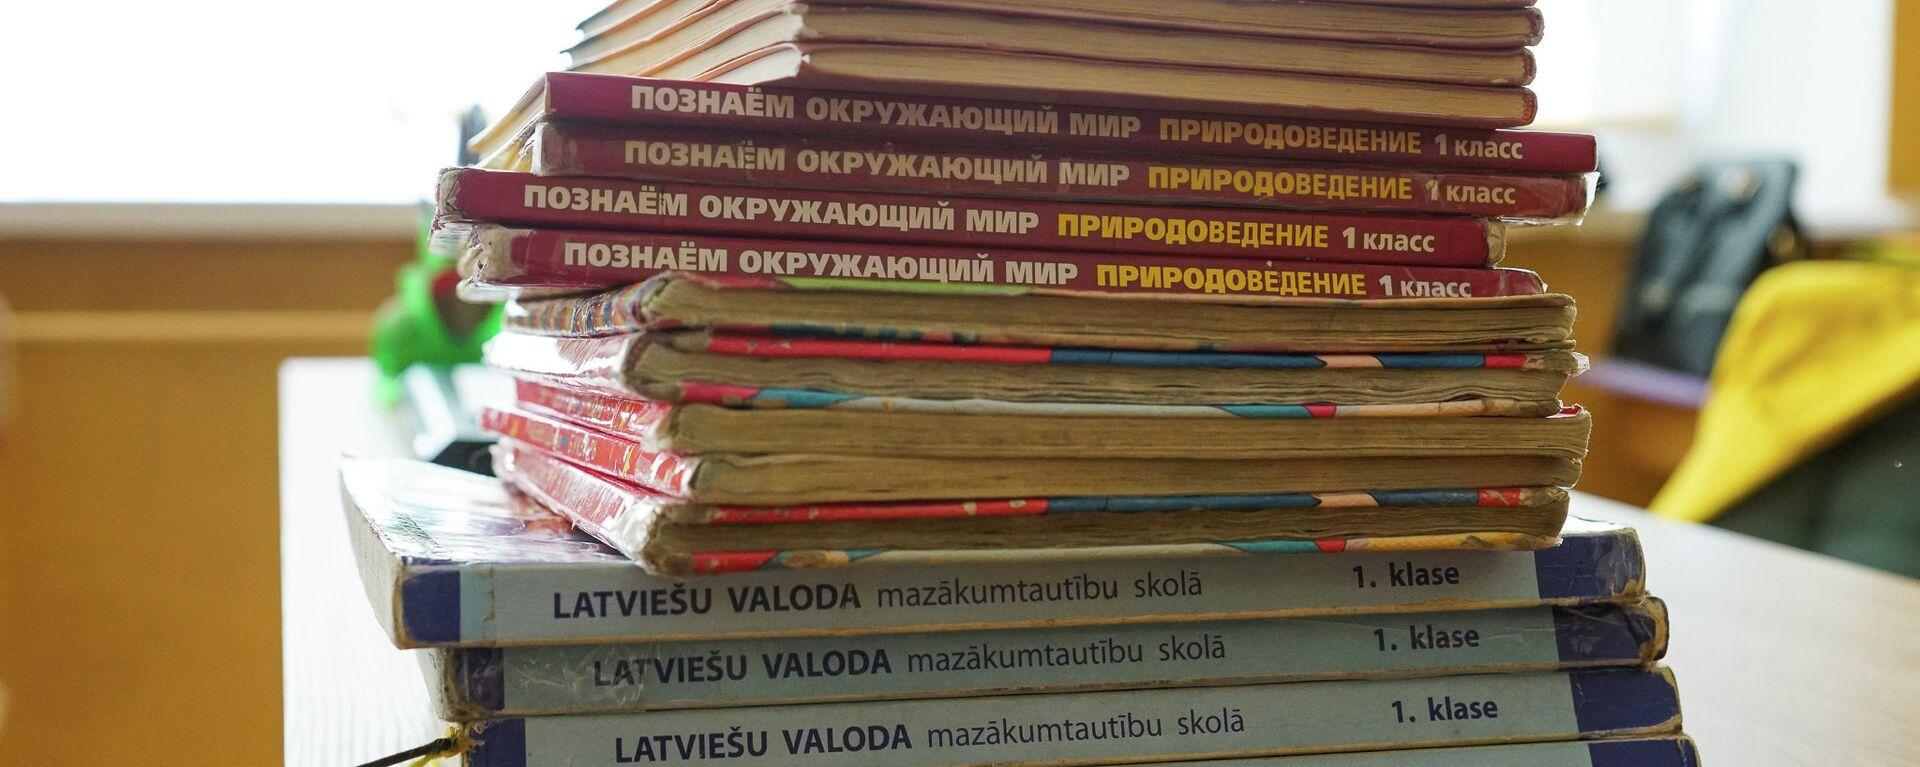 Учебники на русском и латышском языках - Sputnik Латвия, 1920, 26.07.2021